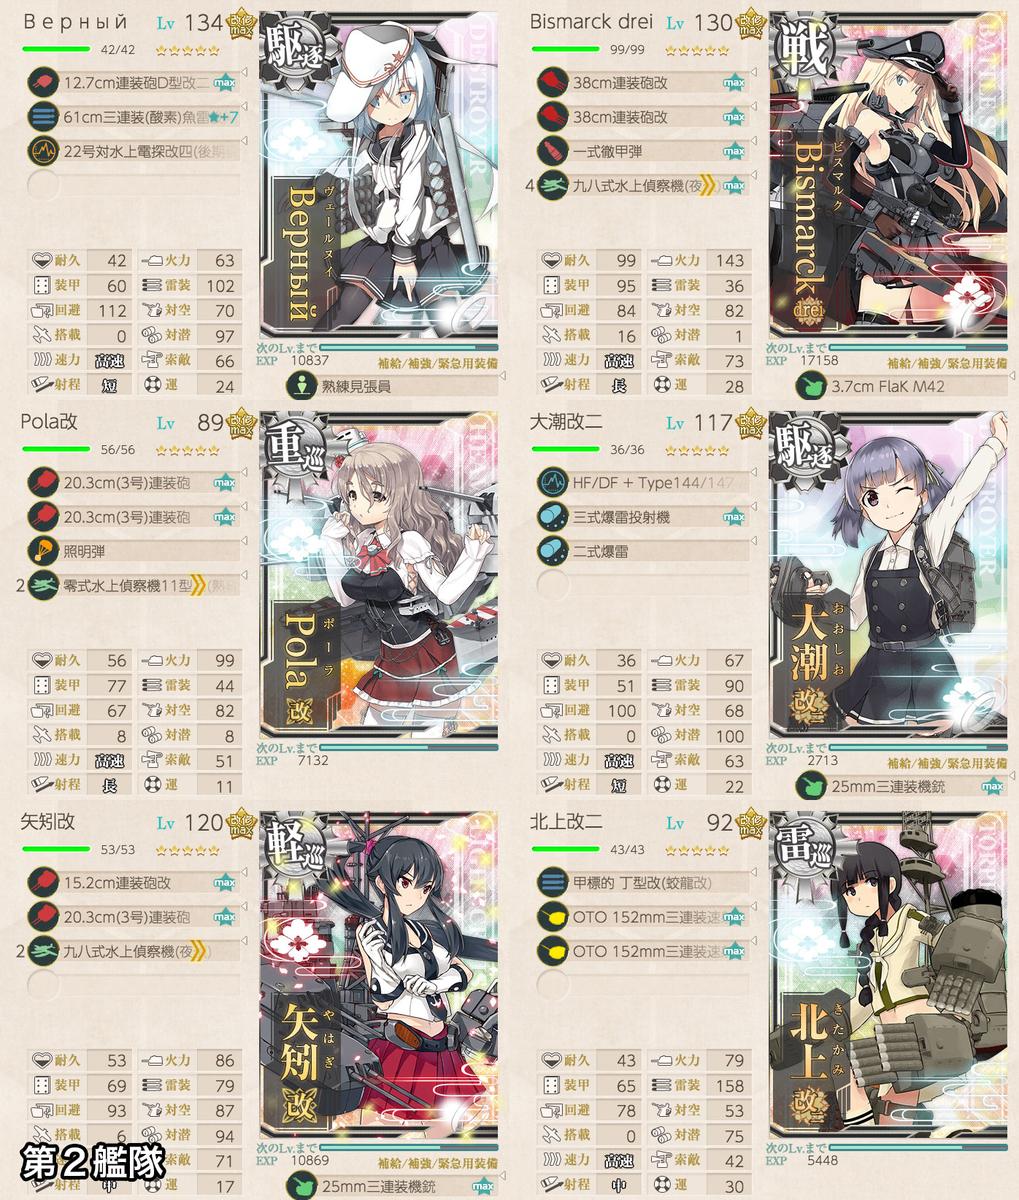 f:id:nameless_admiral:20200629010518j:plain